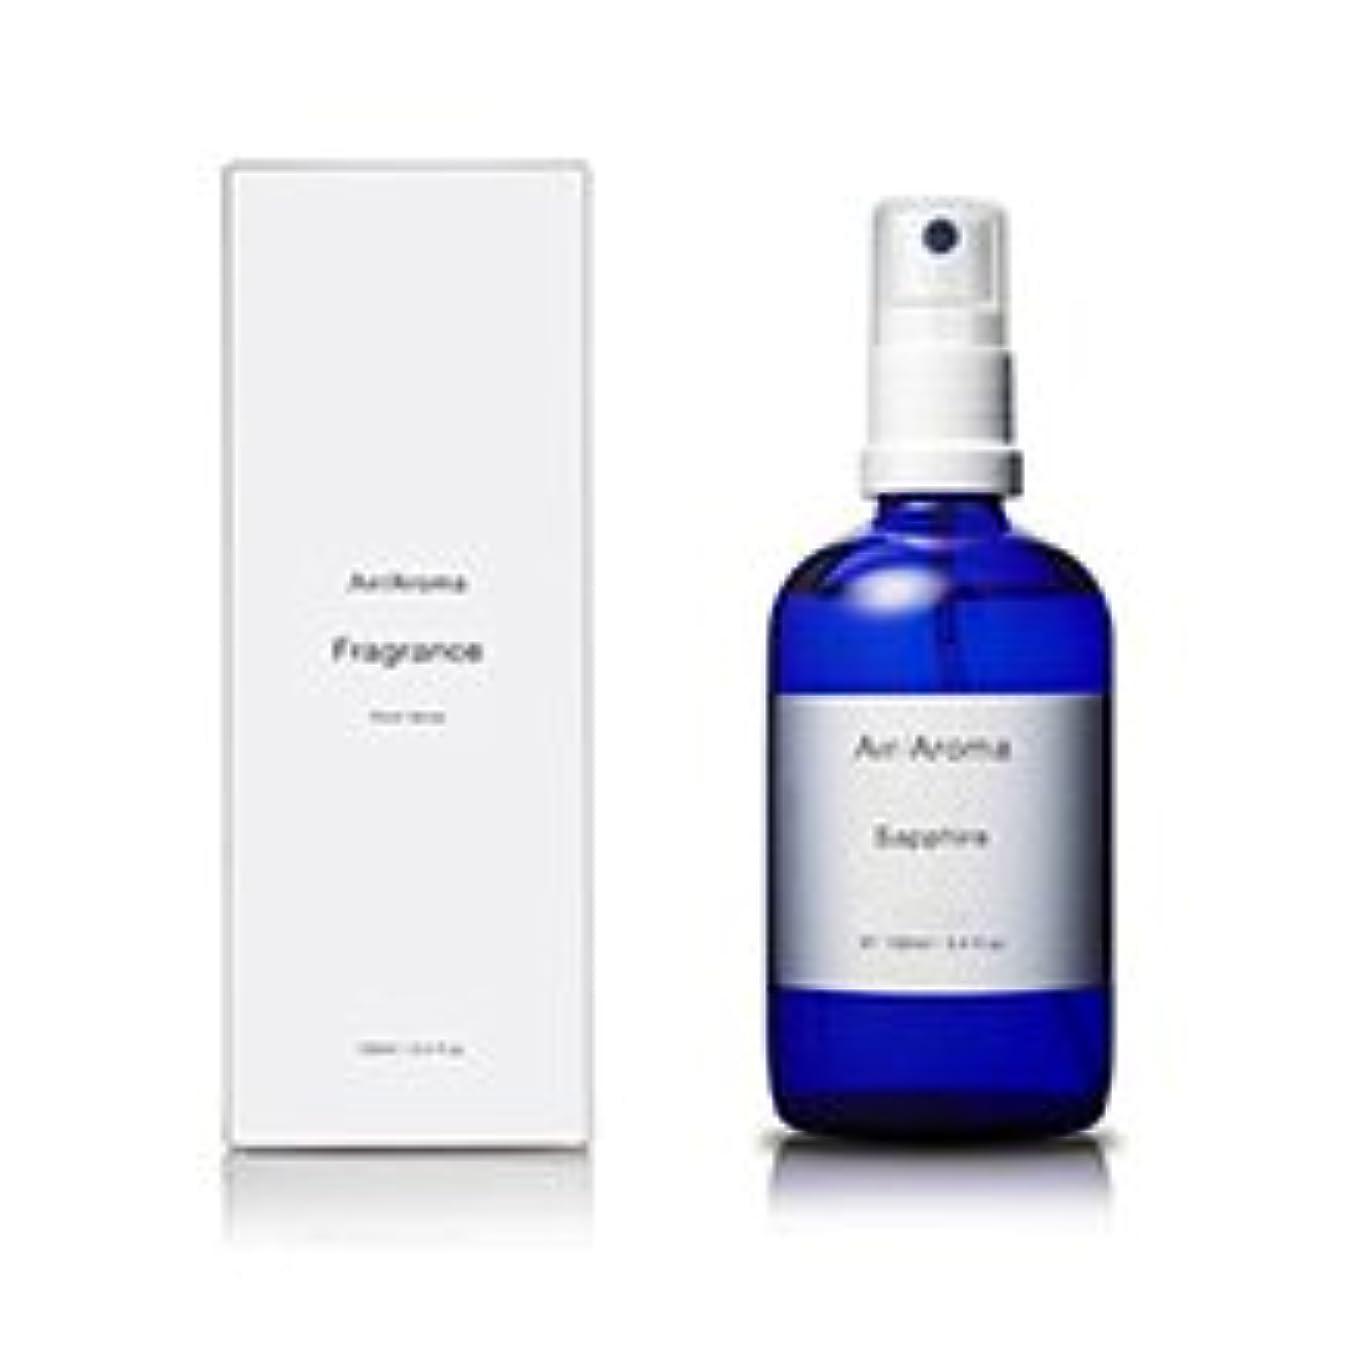 聖書評論家特派員エアアロマ sapphire room fragrance(サファイア ルームフレグランス) 100ml